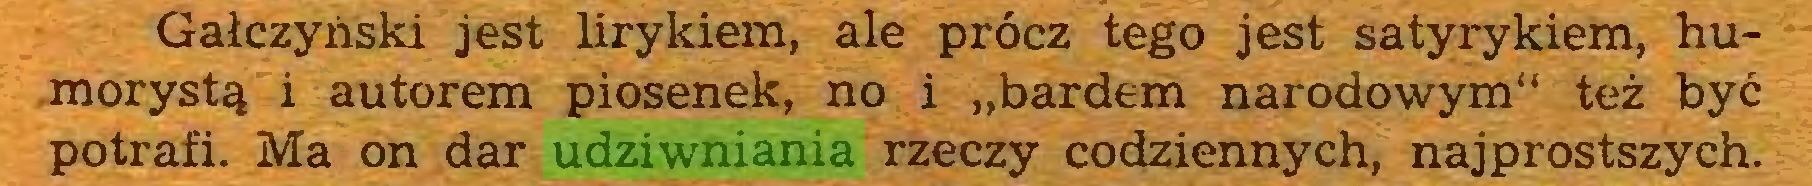 """(...) Gałczyński jest lirykiem, ale prócz tego jest satyrykiem, humorystą i autorem piosenek, no i """"bardem narodowym"""" też być potrafi. Ma on dar udziwniania rzeczy codziennych, najprostszych..."""